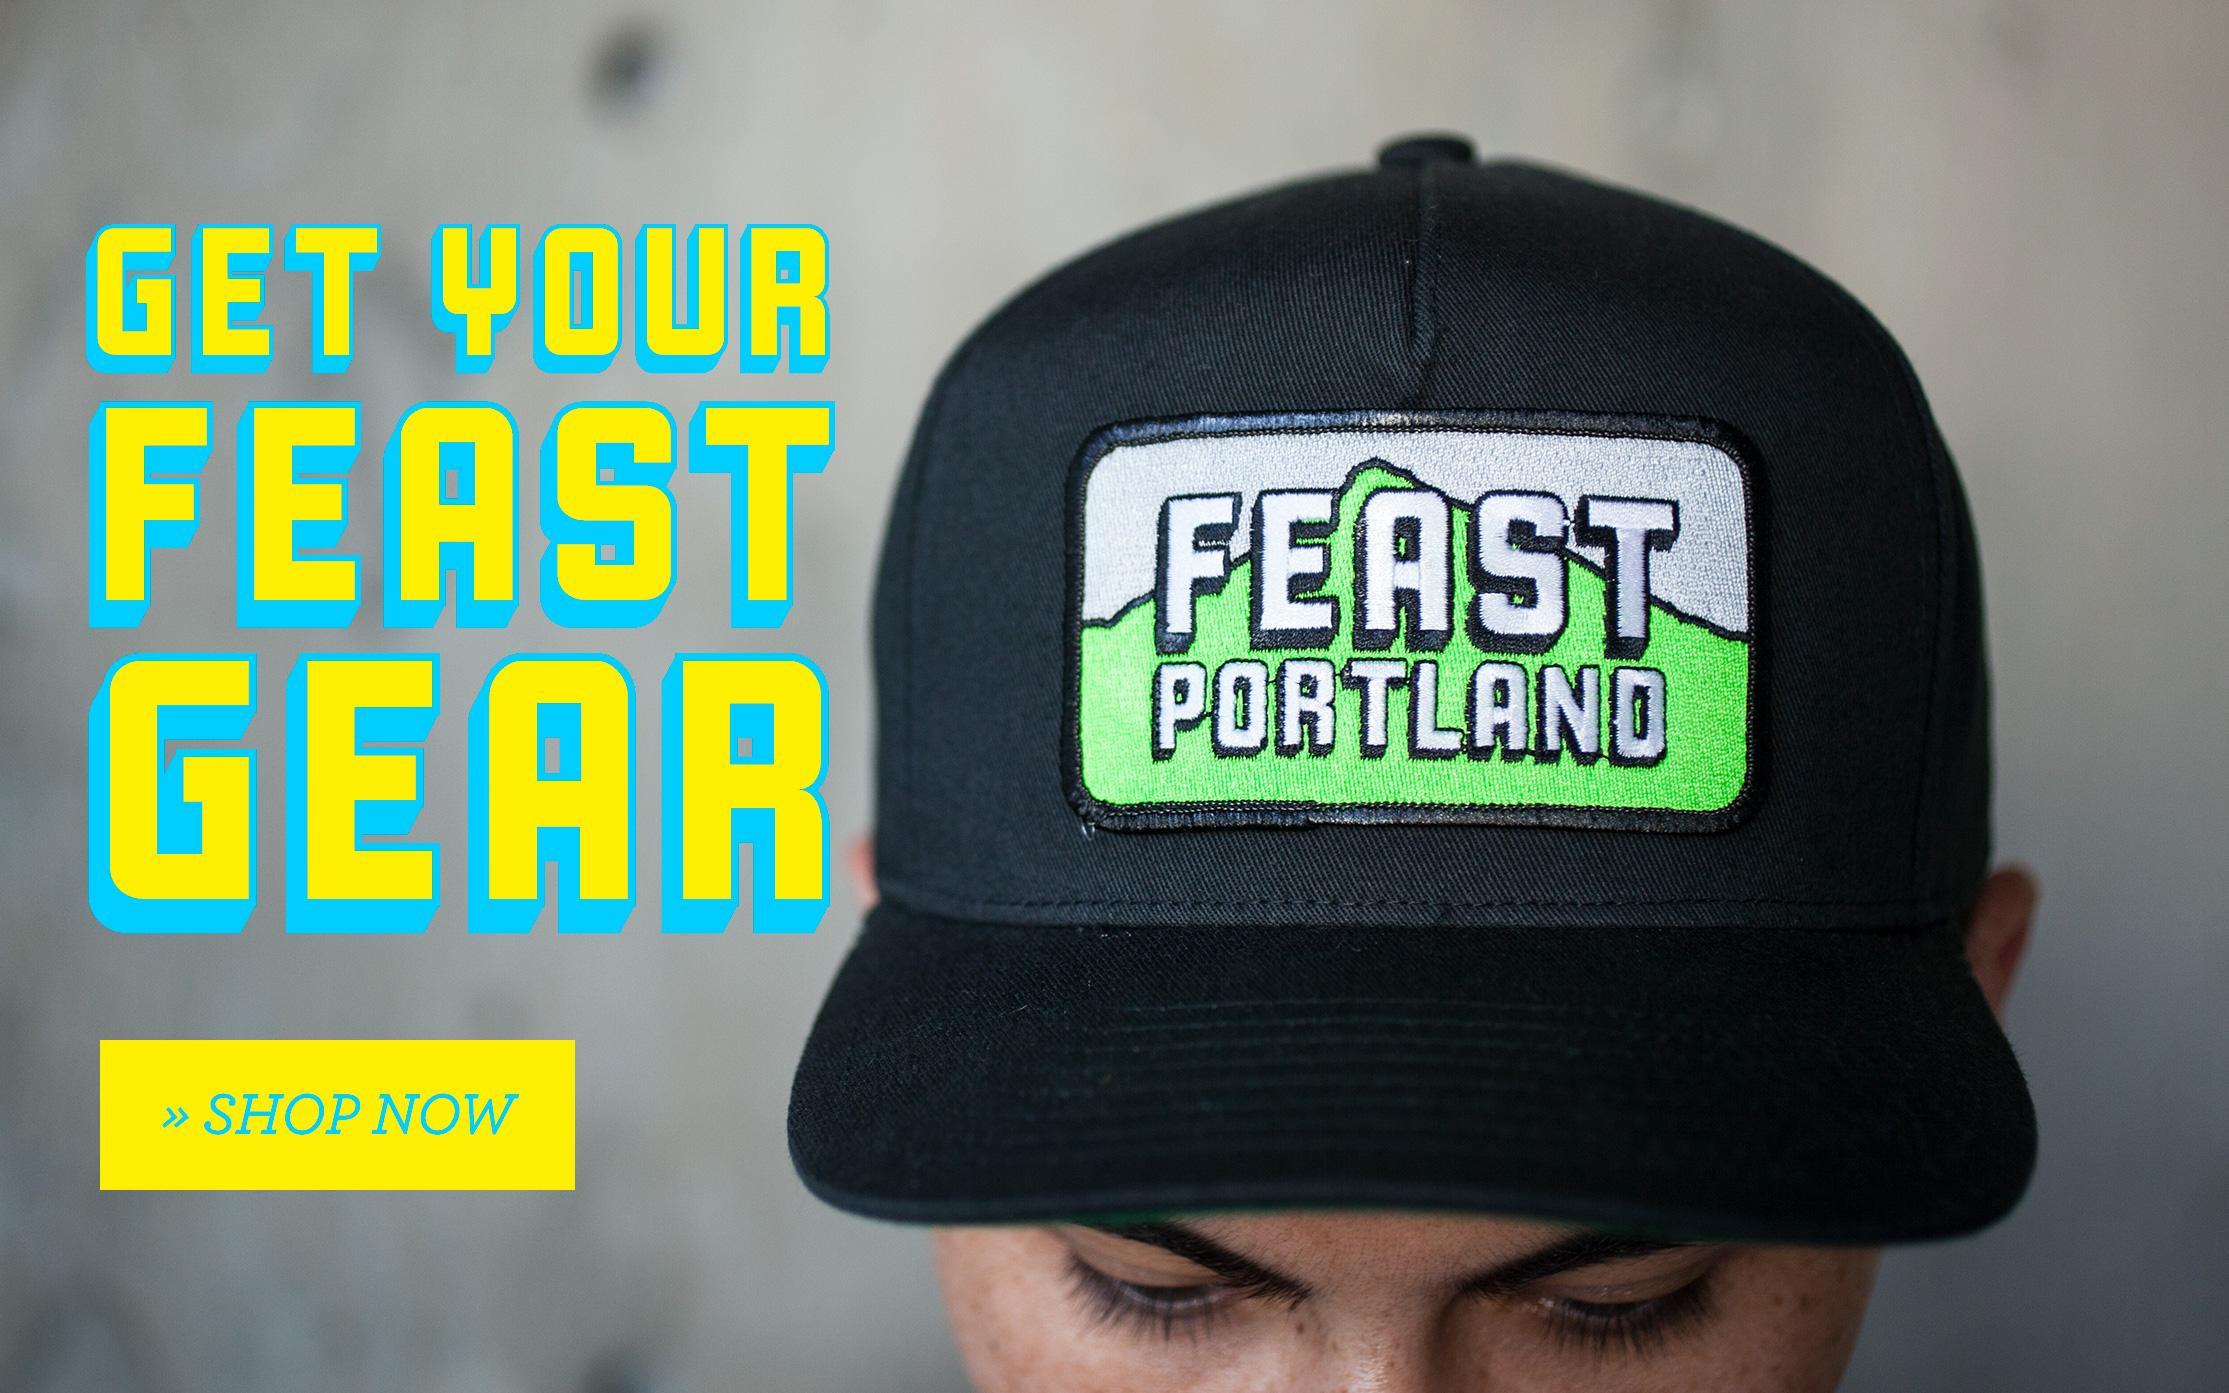 Shop Feast Gear!